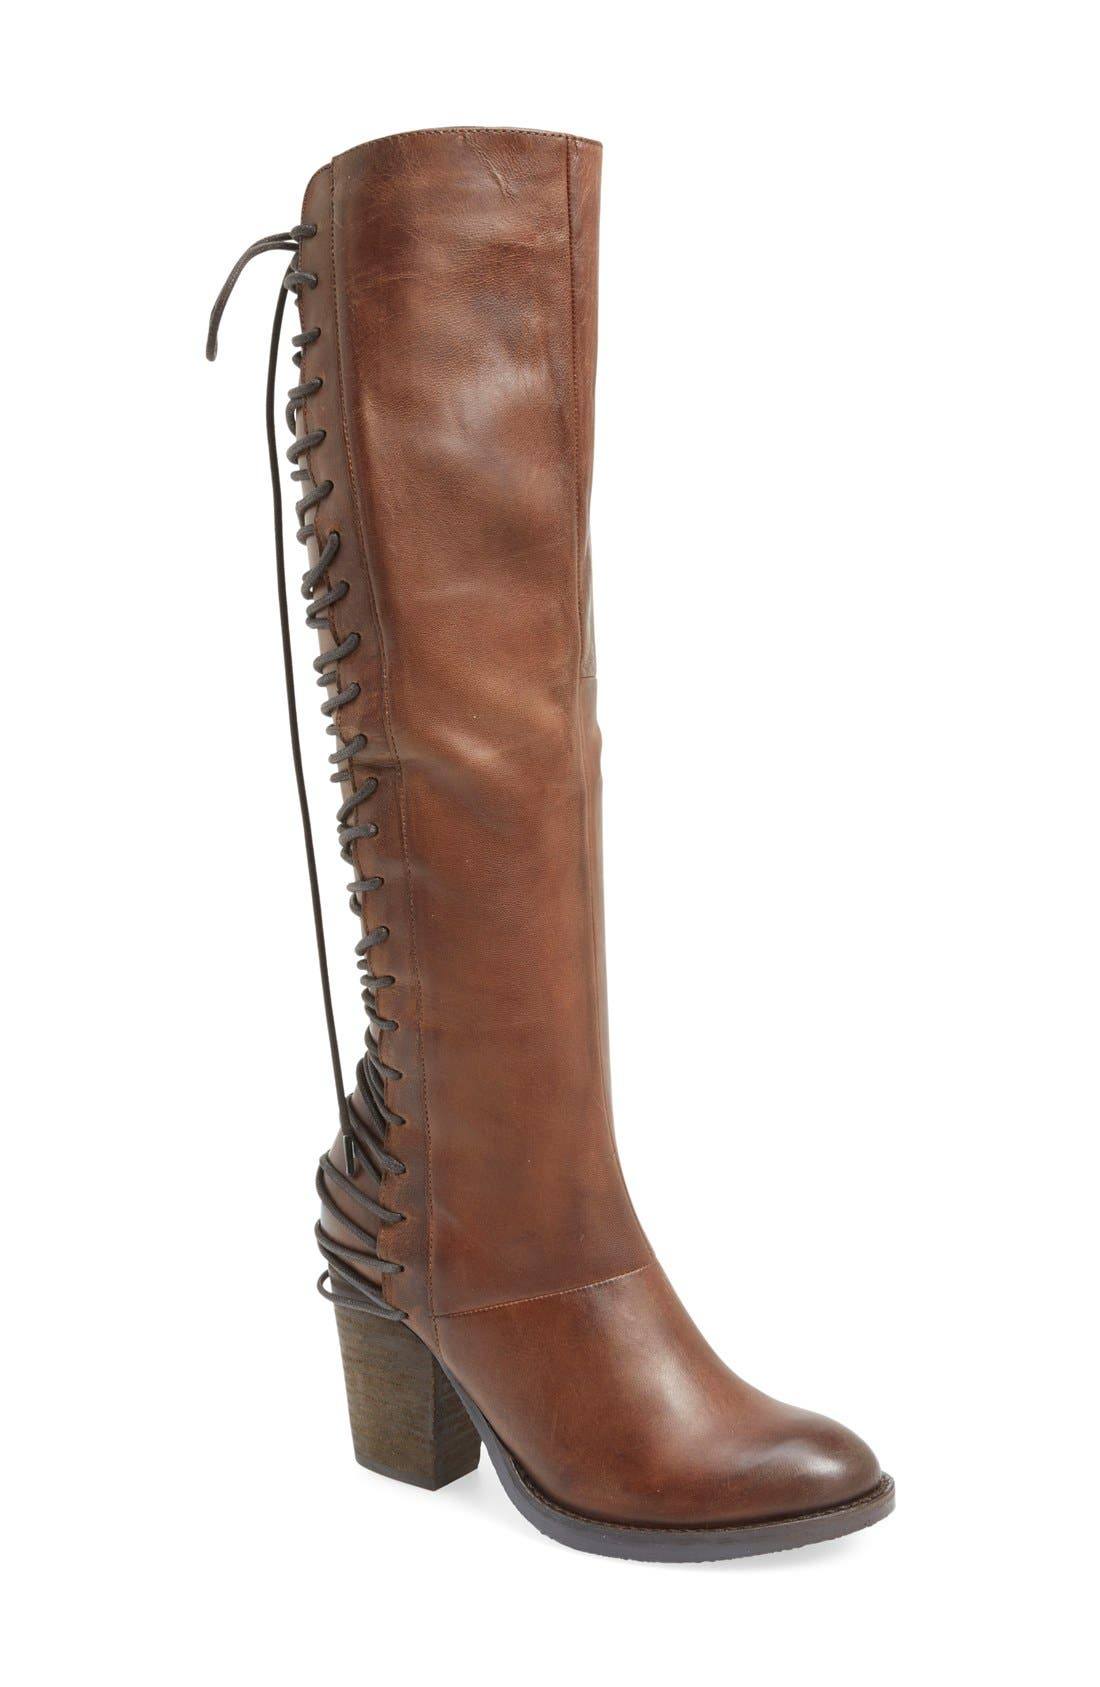 Main Image - Steve Madden 'Rikter' Knee High Boot (Women)